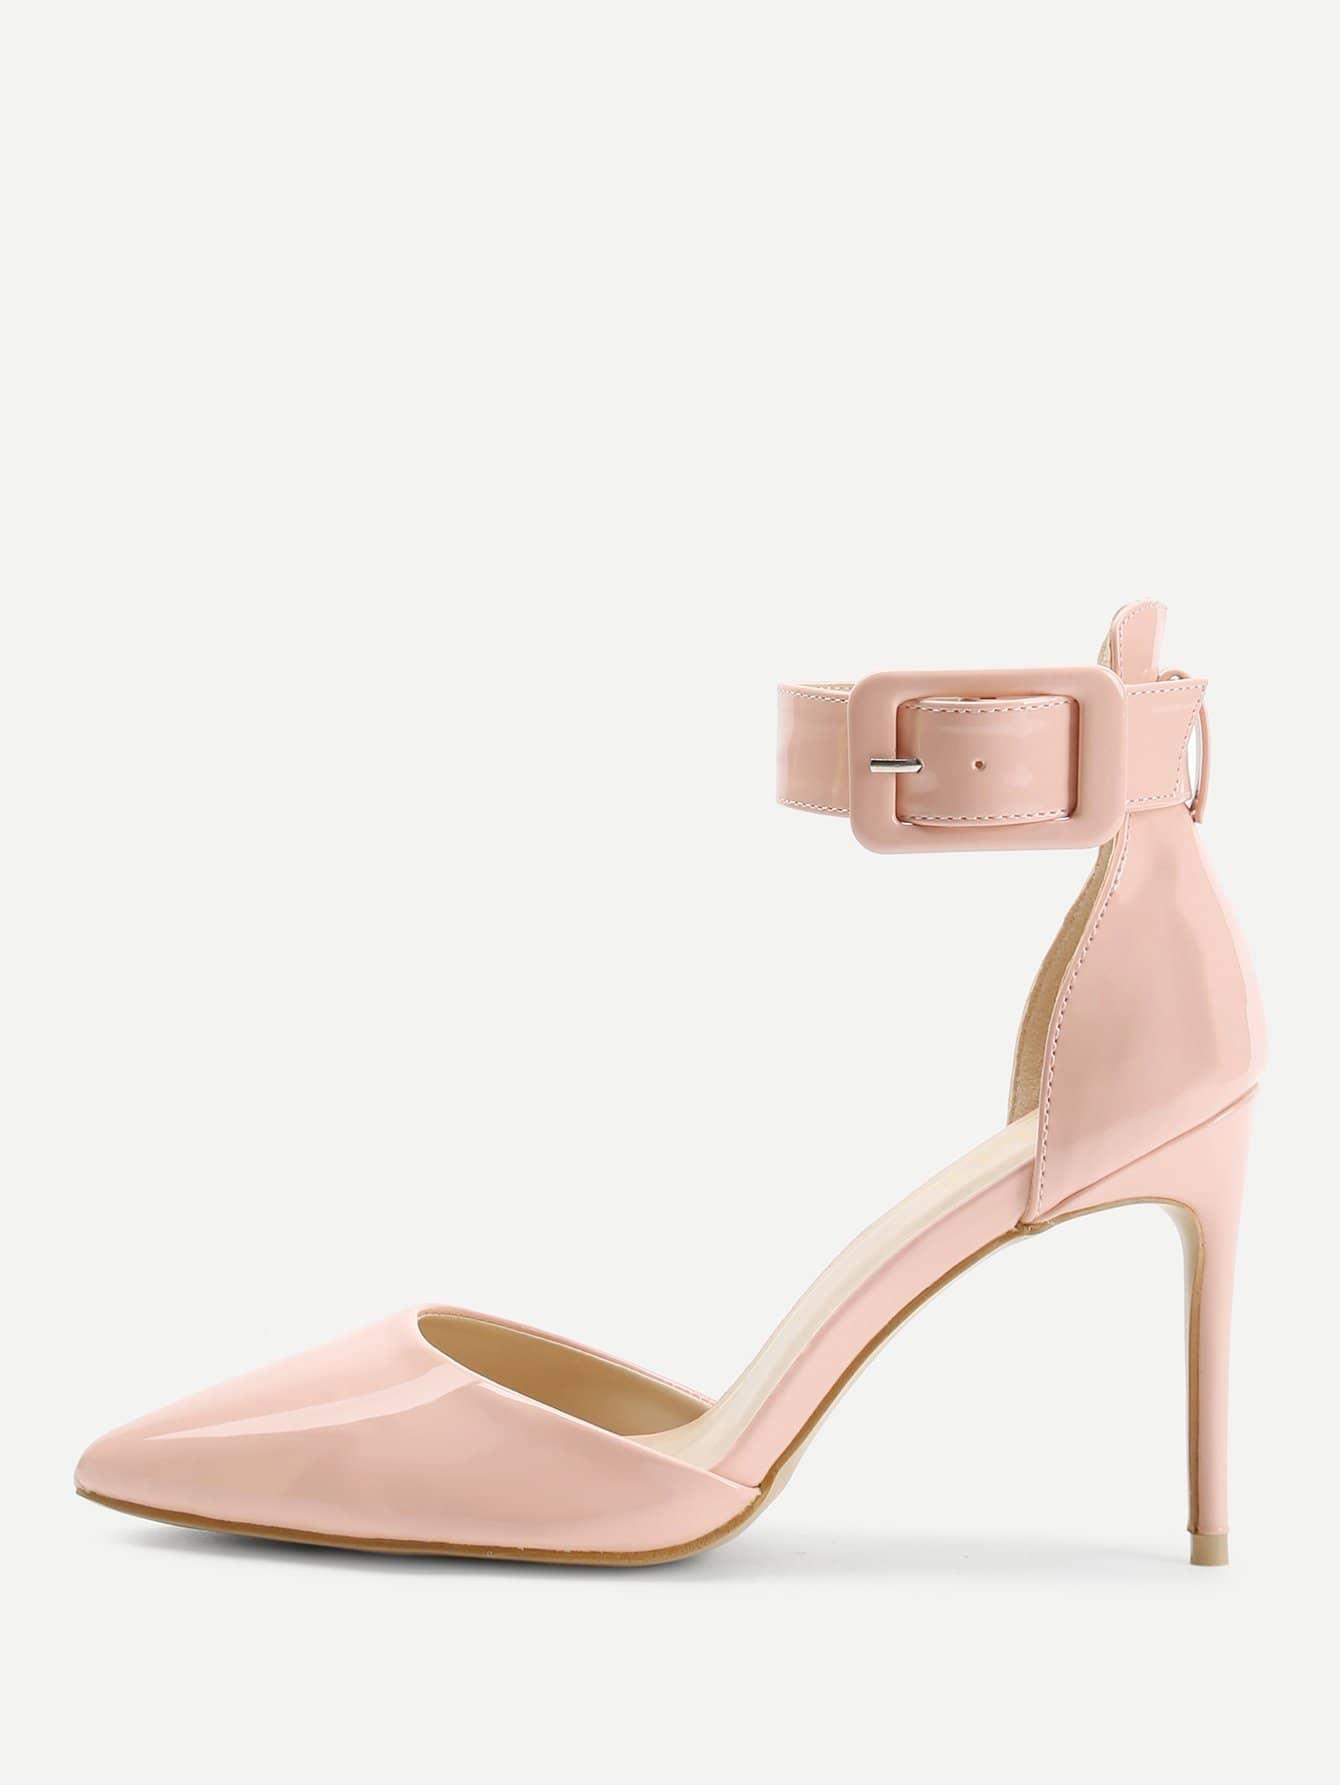 Ankle Cuff Stiletto Heels stiletto metallic ankle strap heels